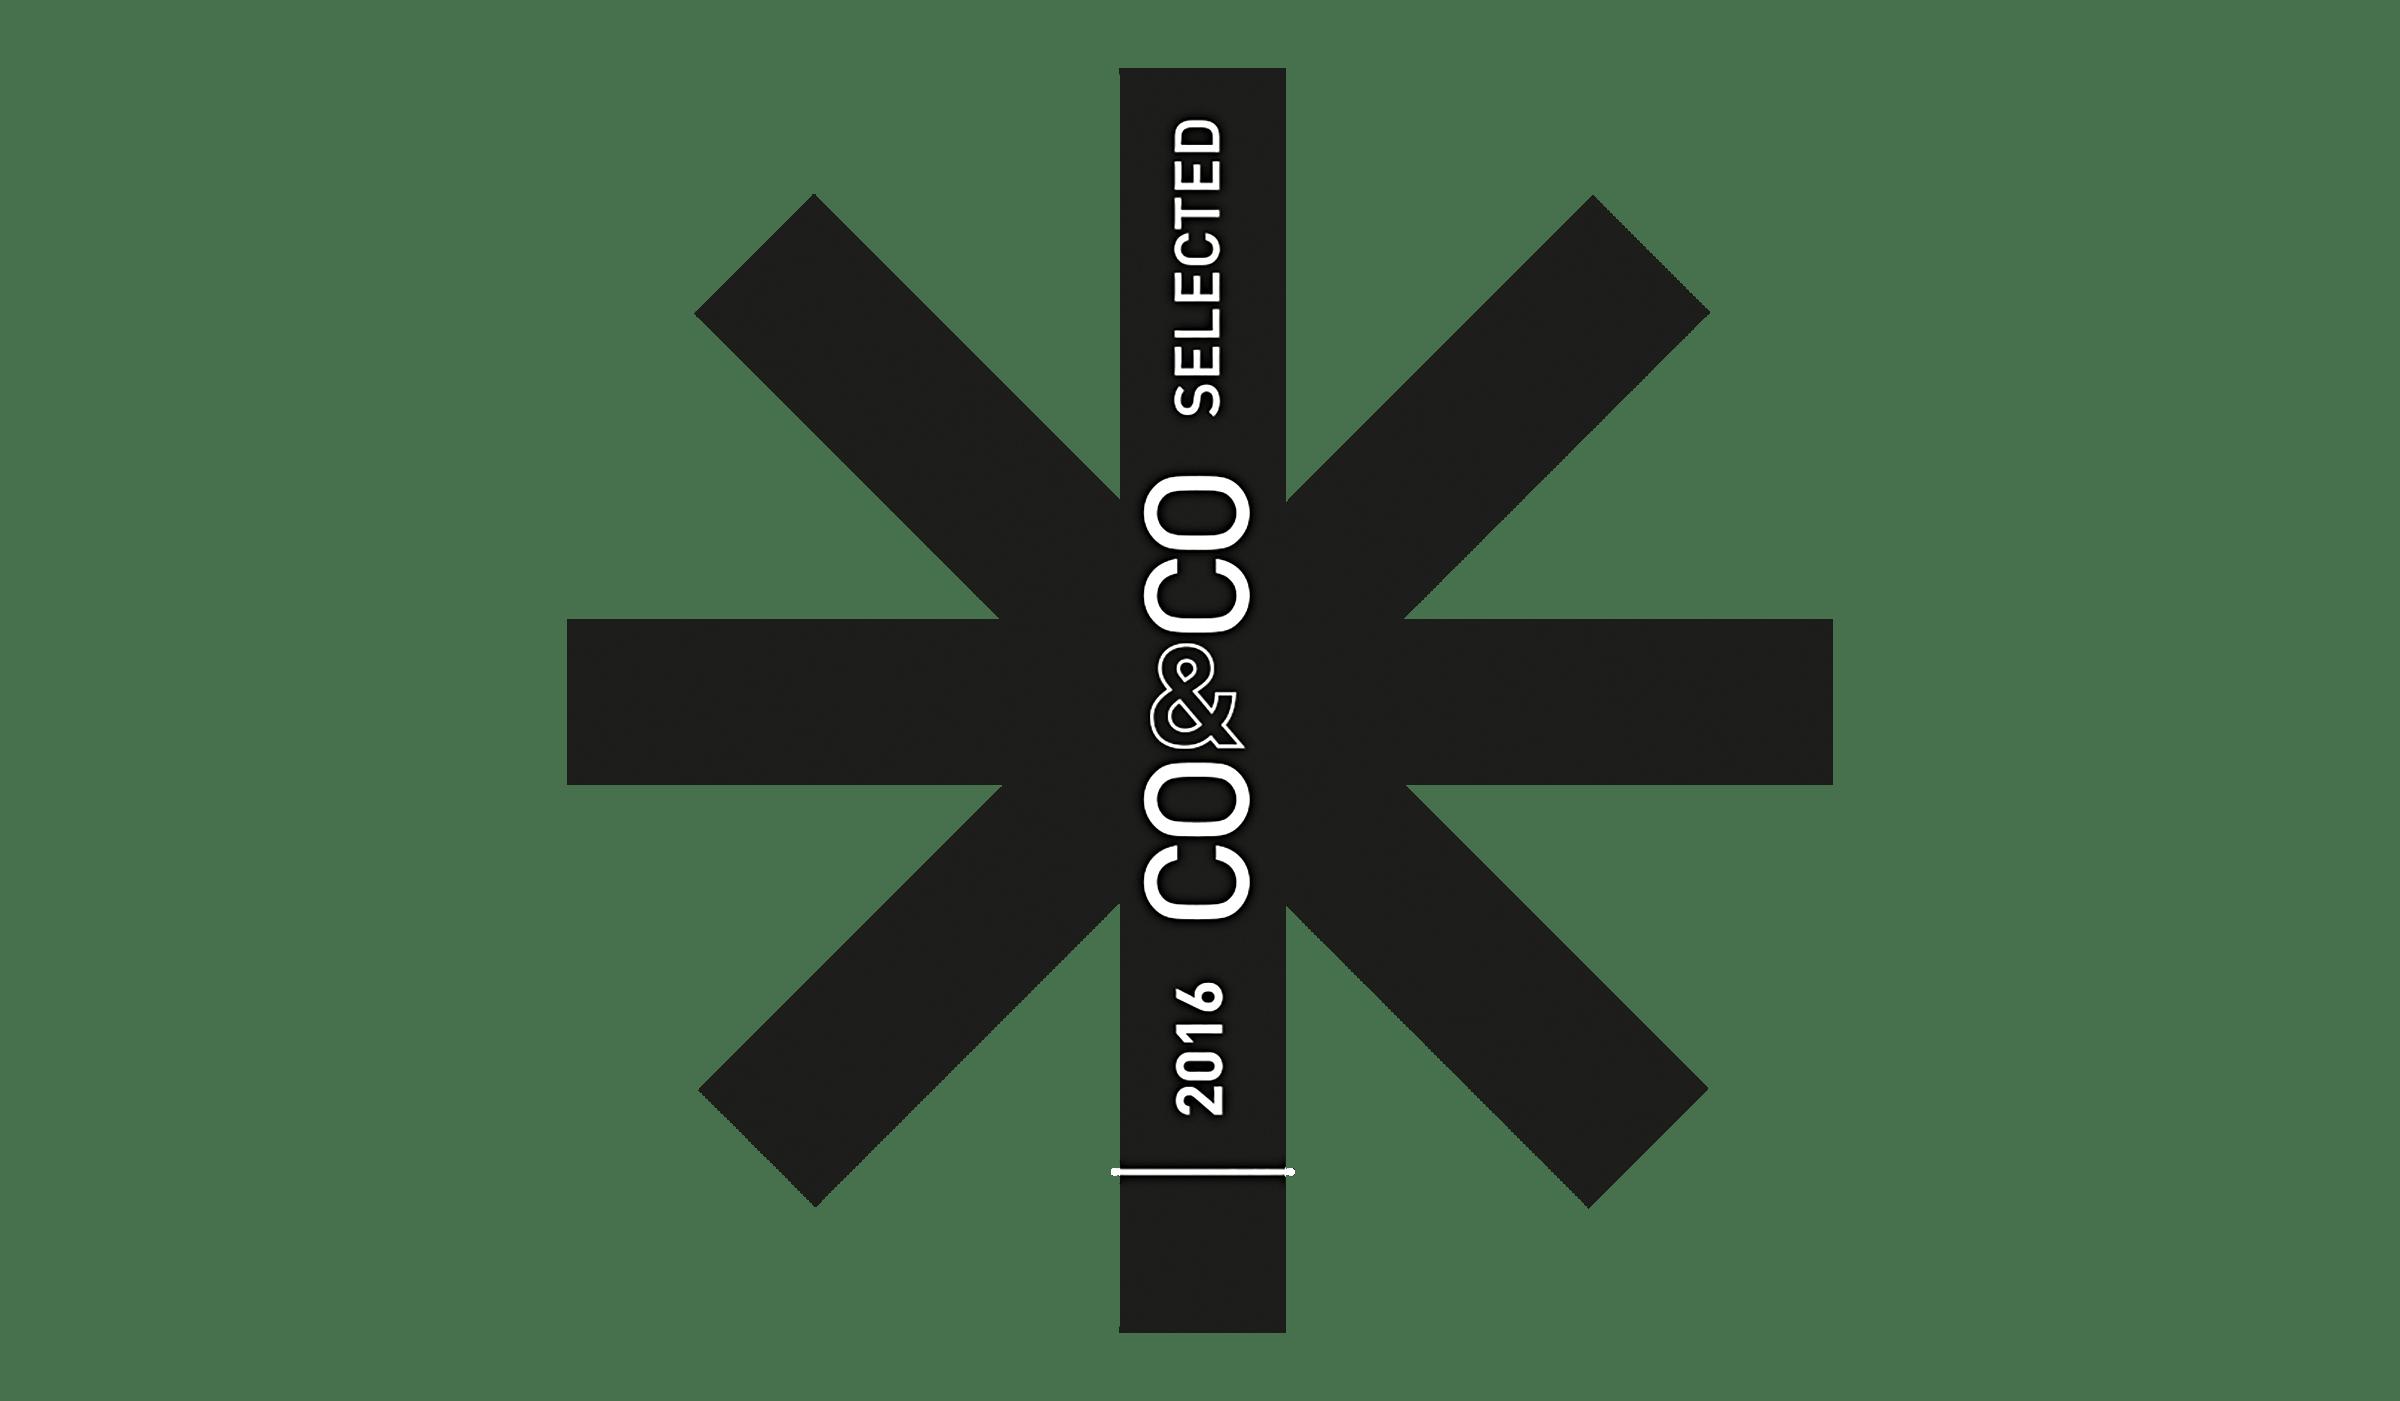 KERSTIN MICHELS – DESIGN // Corporate Design M&M Schreinerei // Co&Co Magazin 100% black 2016 // Co&Co Selected/ KERSTIN MICHELS – DESIGN/ Designagentur/ Werbeagentur/ Grafikdesign/ Kommunikationsdesign/ Hermeskeil/ Hochwald/ Trier/ Rheinland-Pfalz/ Werbung/ Design